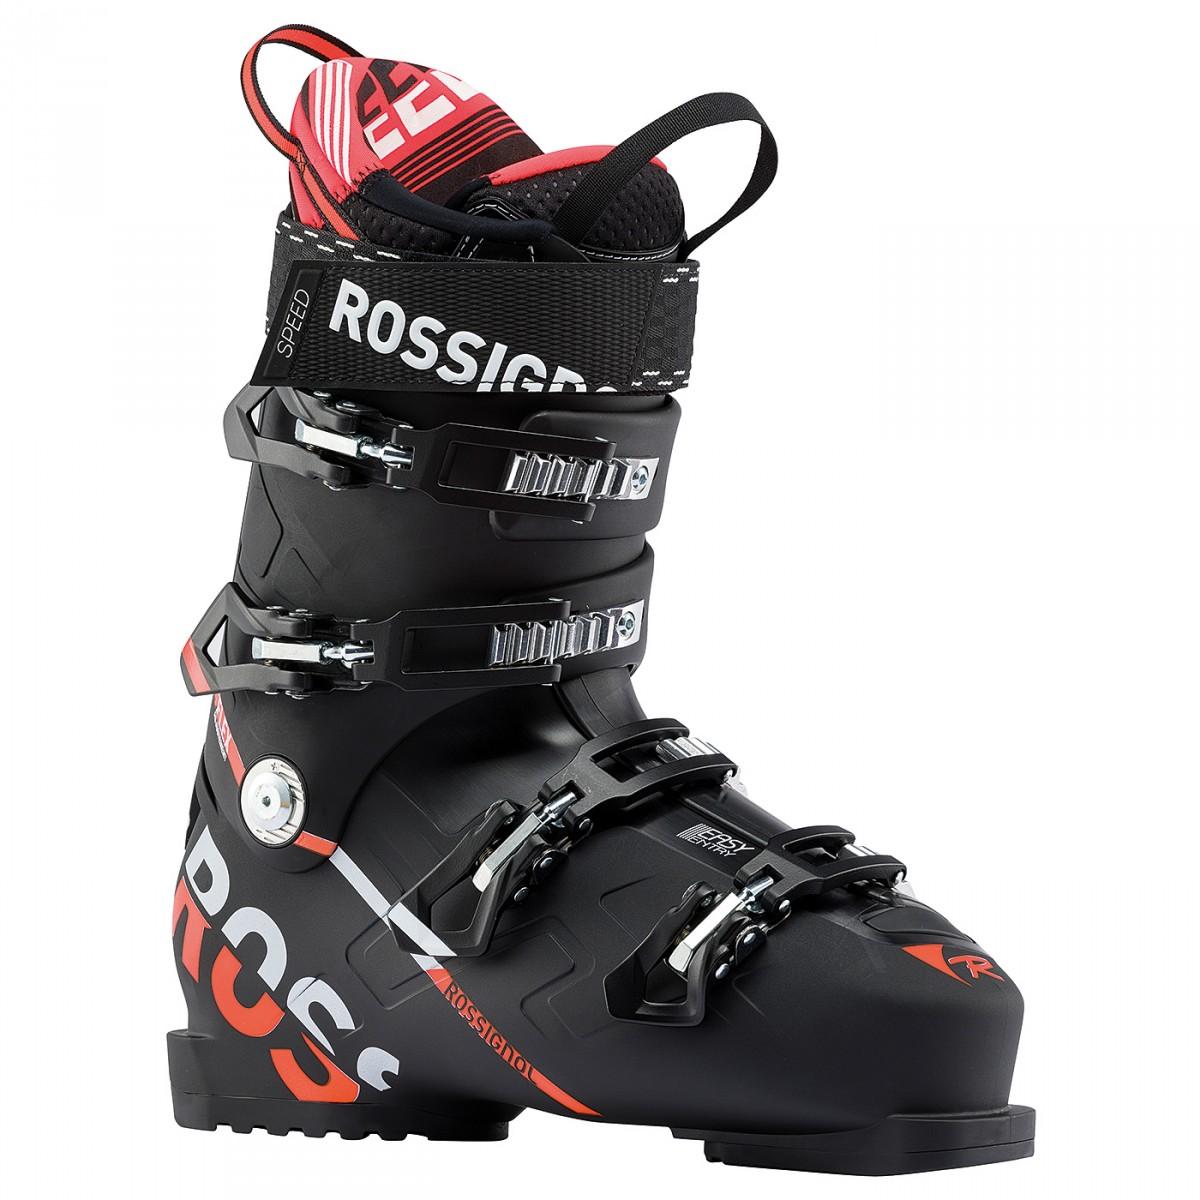 Scarponi sci Rossignol Speed 120 (Colore: nero-rosso, Taglia: 27)